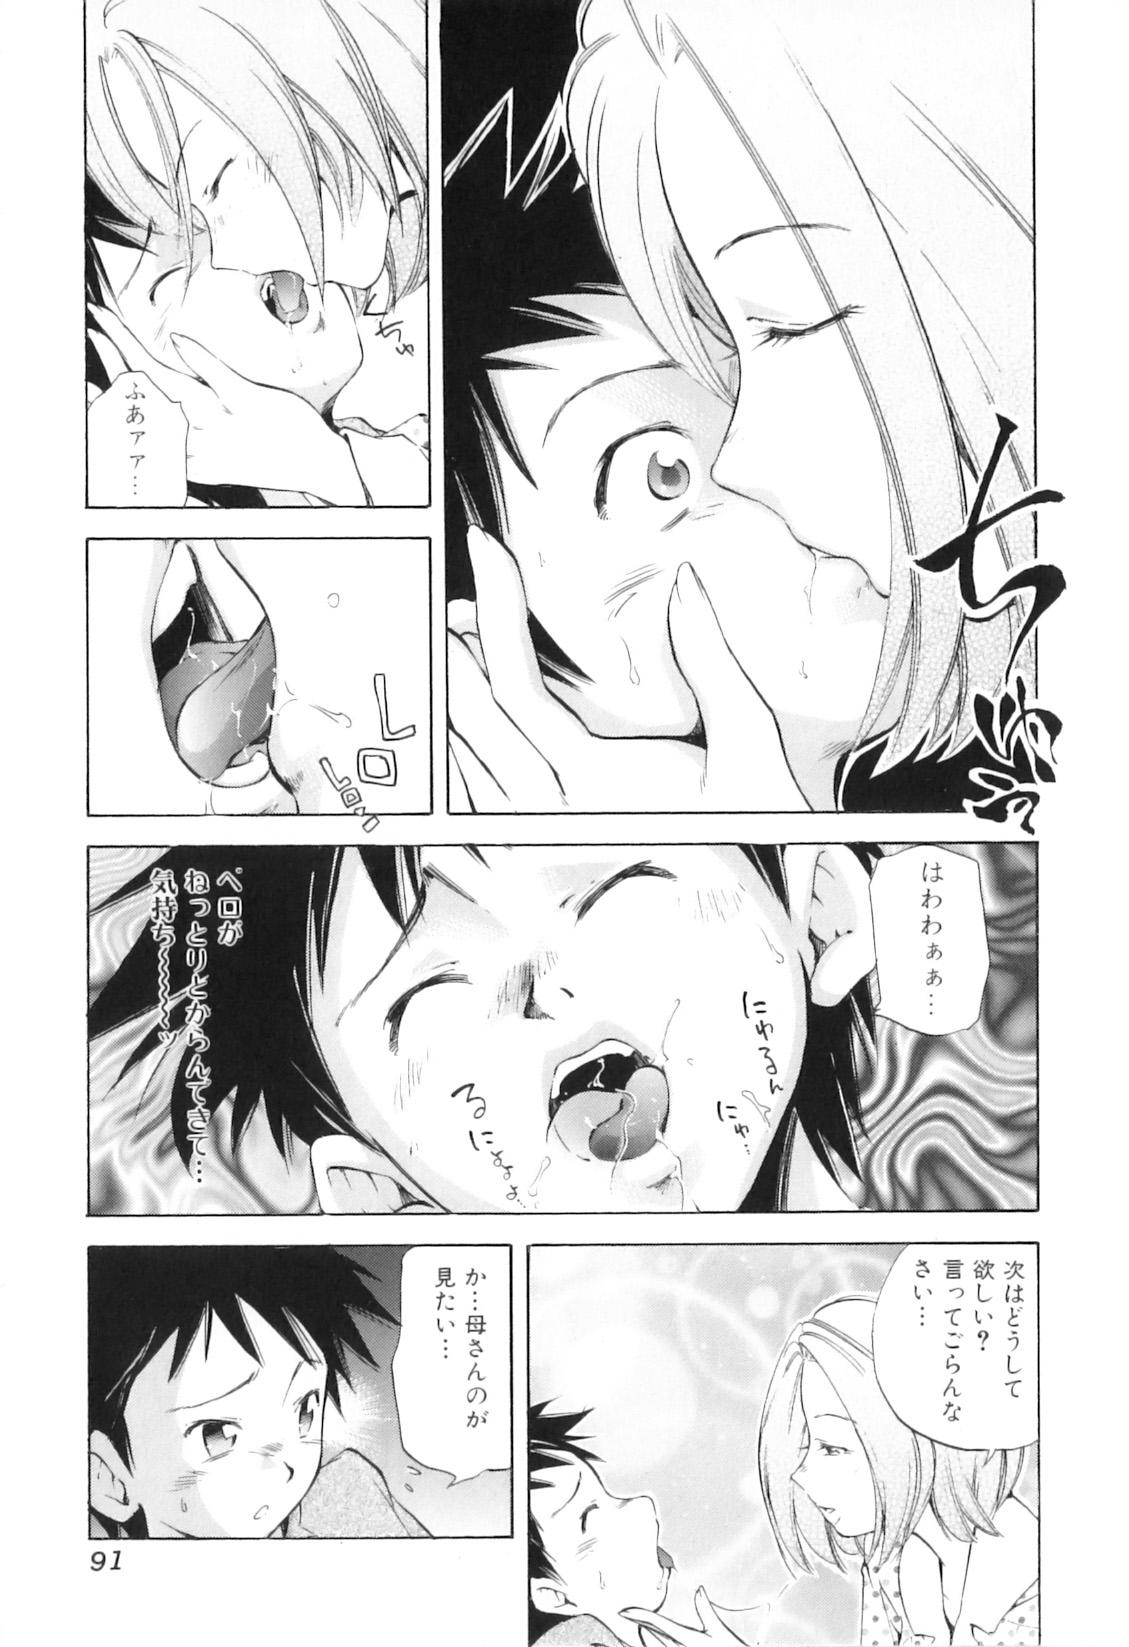 Yokujou Boshi - Desire Mother and Child 90